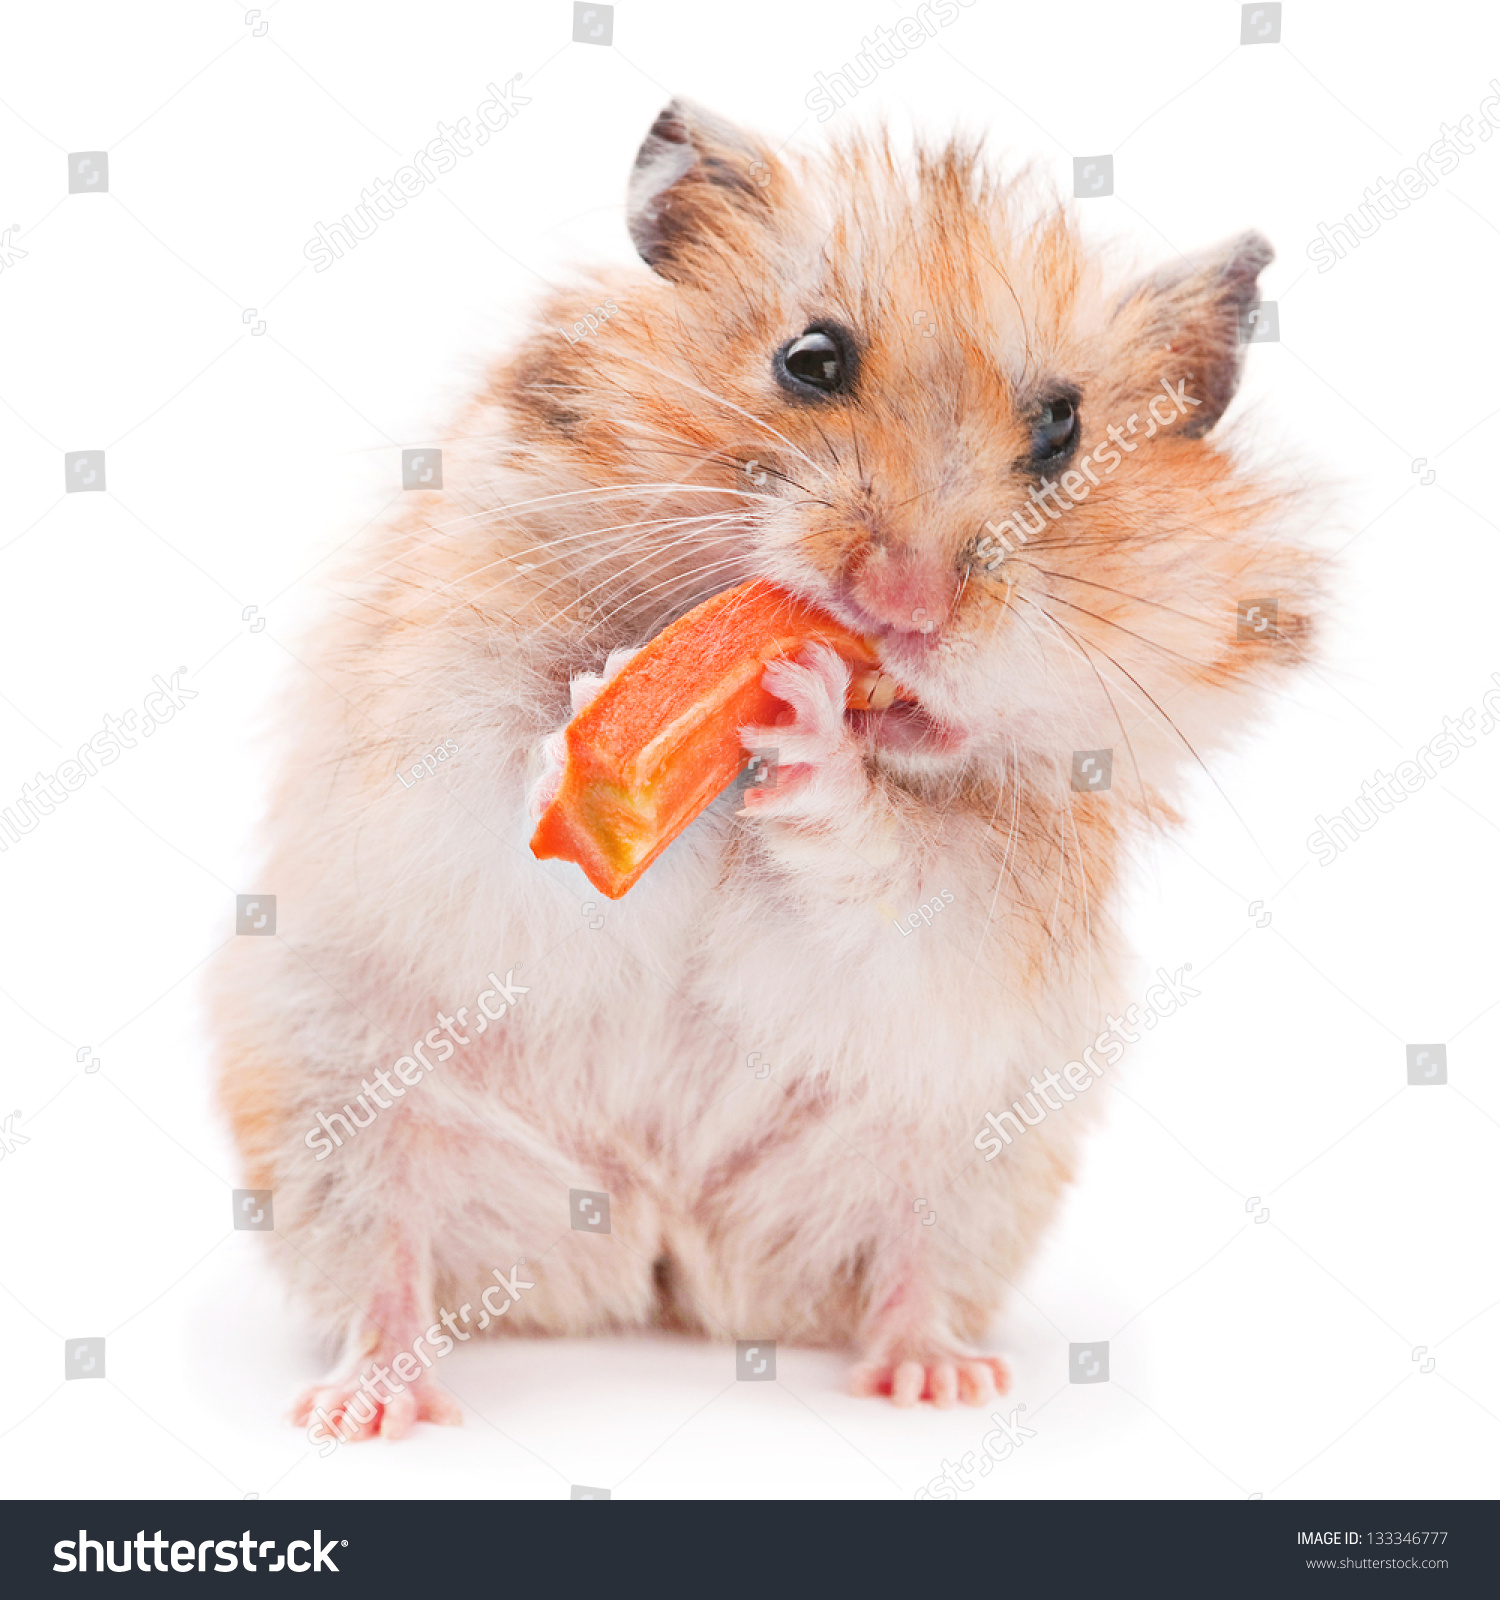 仓鼠吃胡萝卜-动物/野生生物-海洛创意(hellorf)